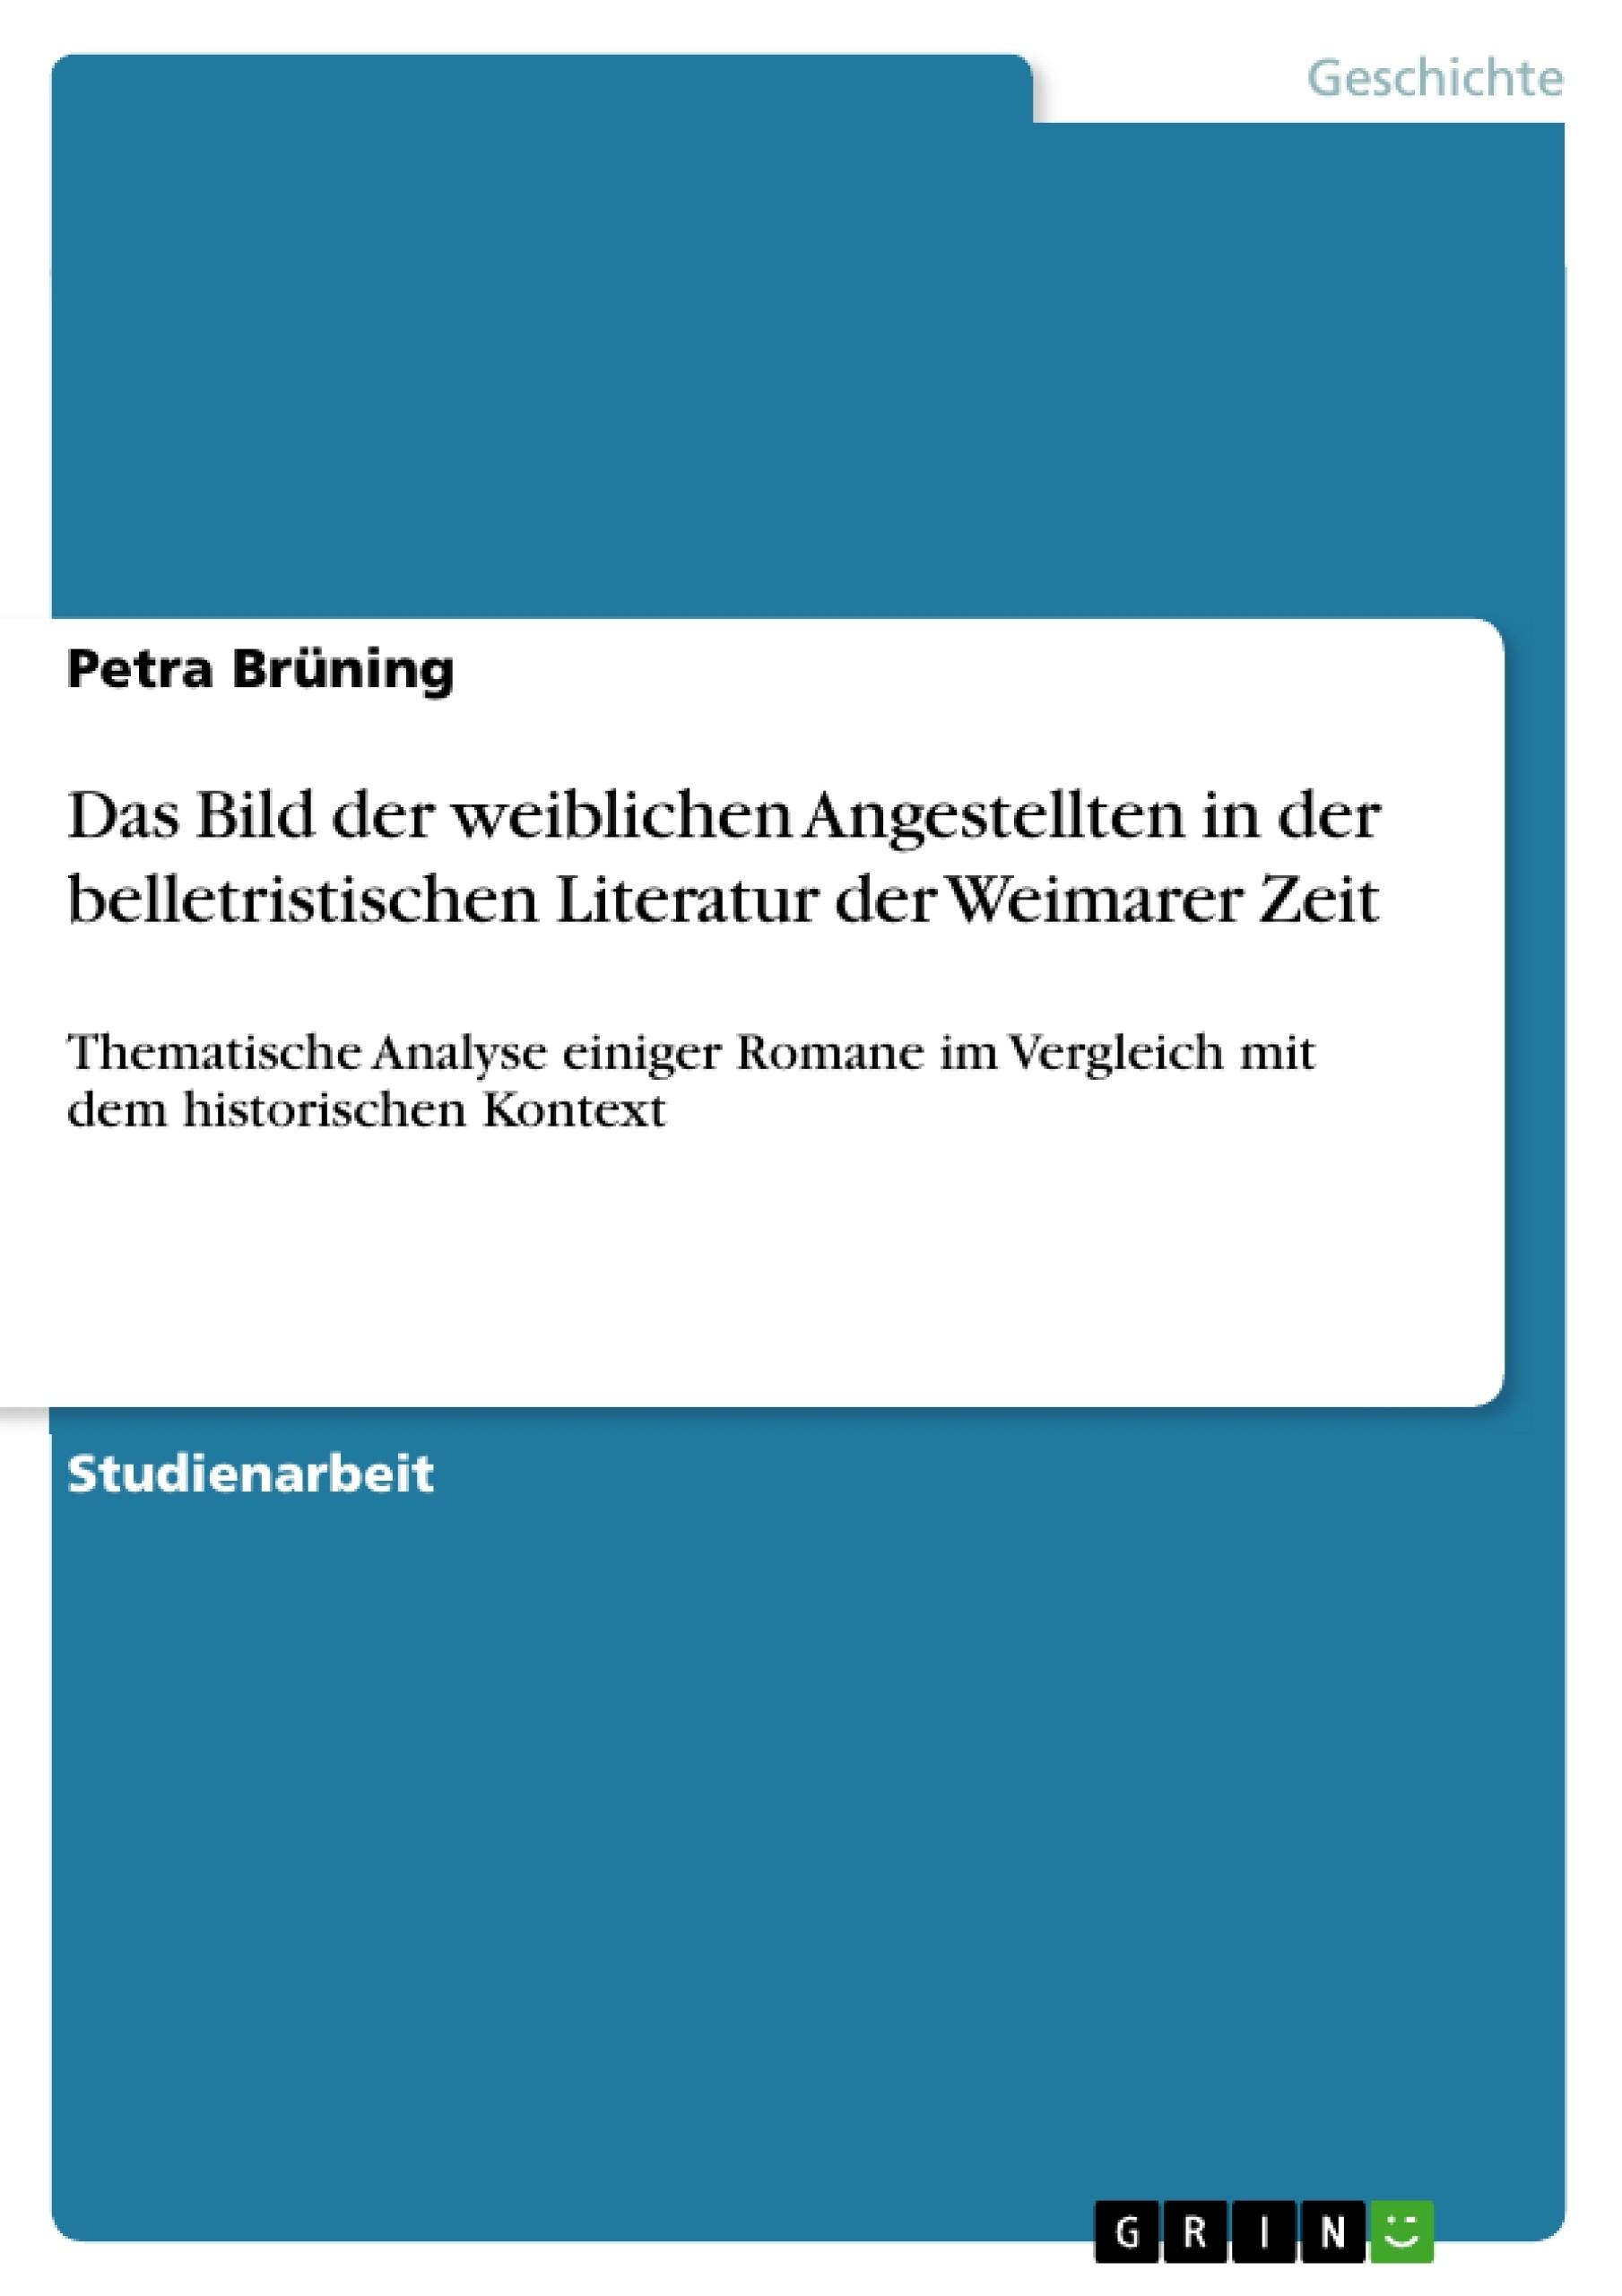 Titel: Das Bild der weiblichen Angestellten in der belletristischen Literatur der Weimarer Zeit